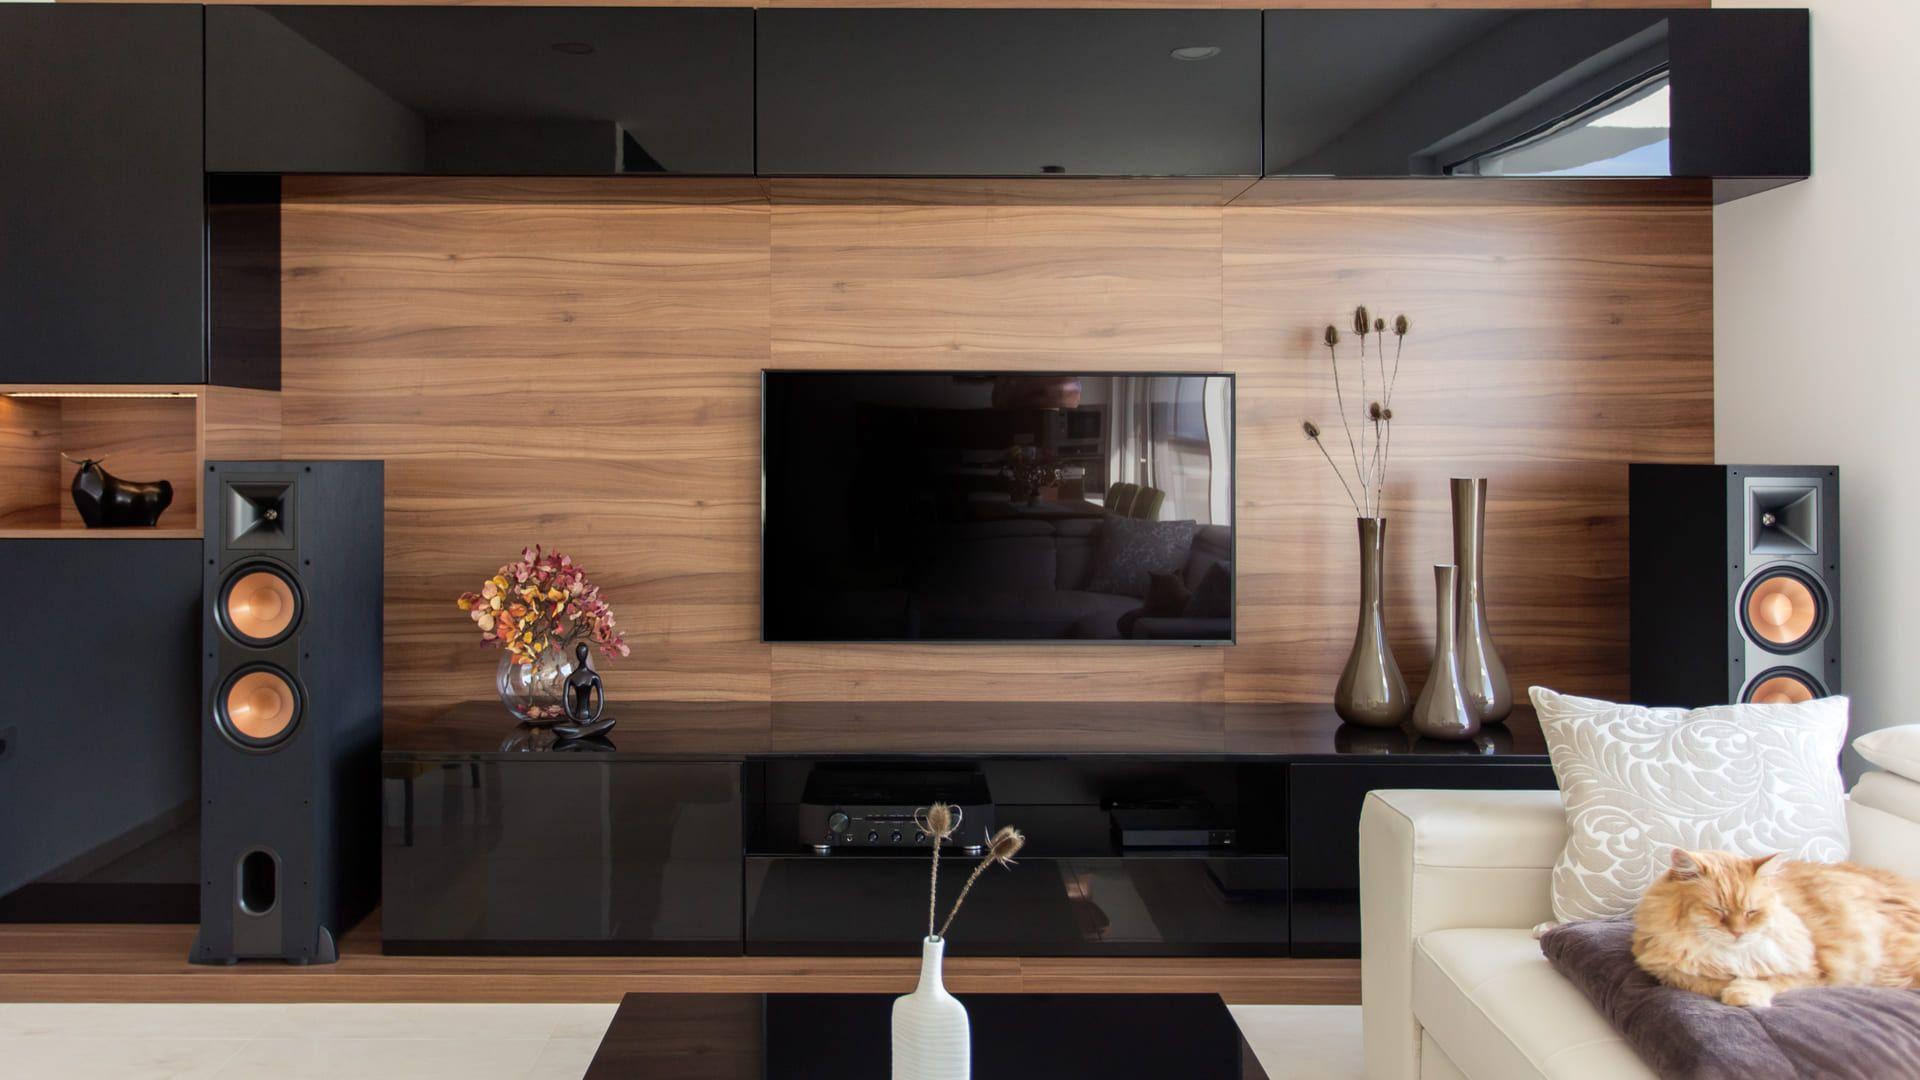 O tipo de material do seu painel de TV reflete na durabilidade e estética! (Imagem: Reprodução/Shutterstock)